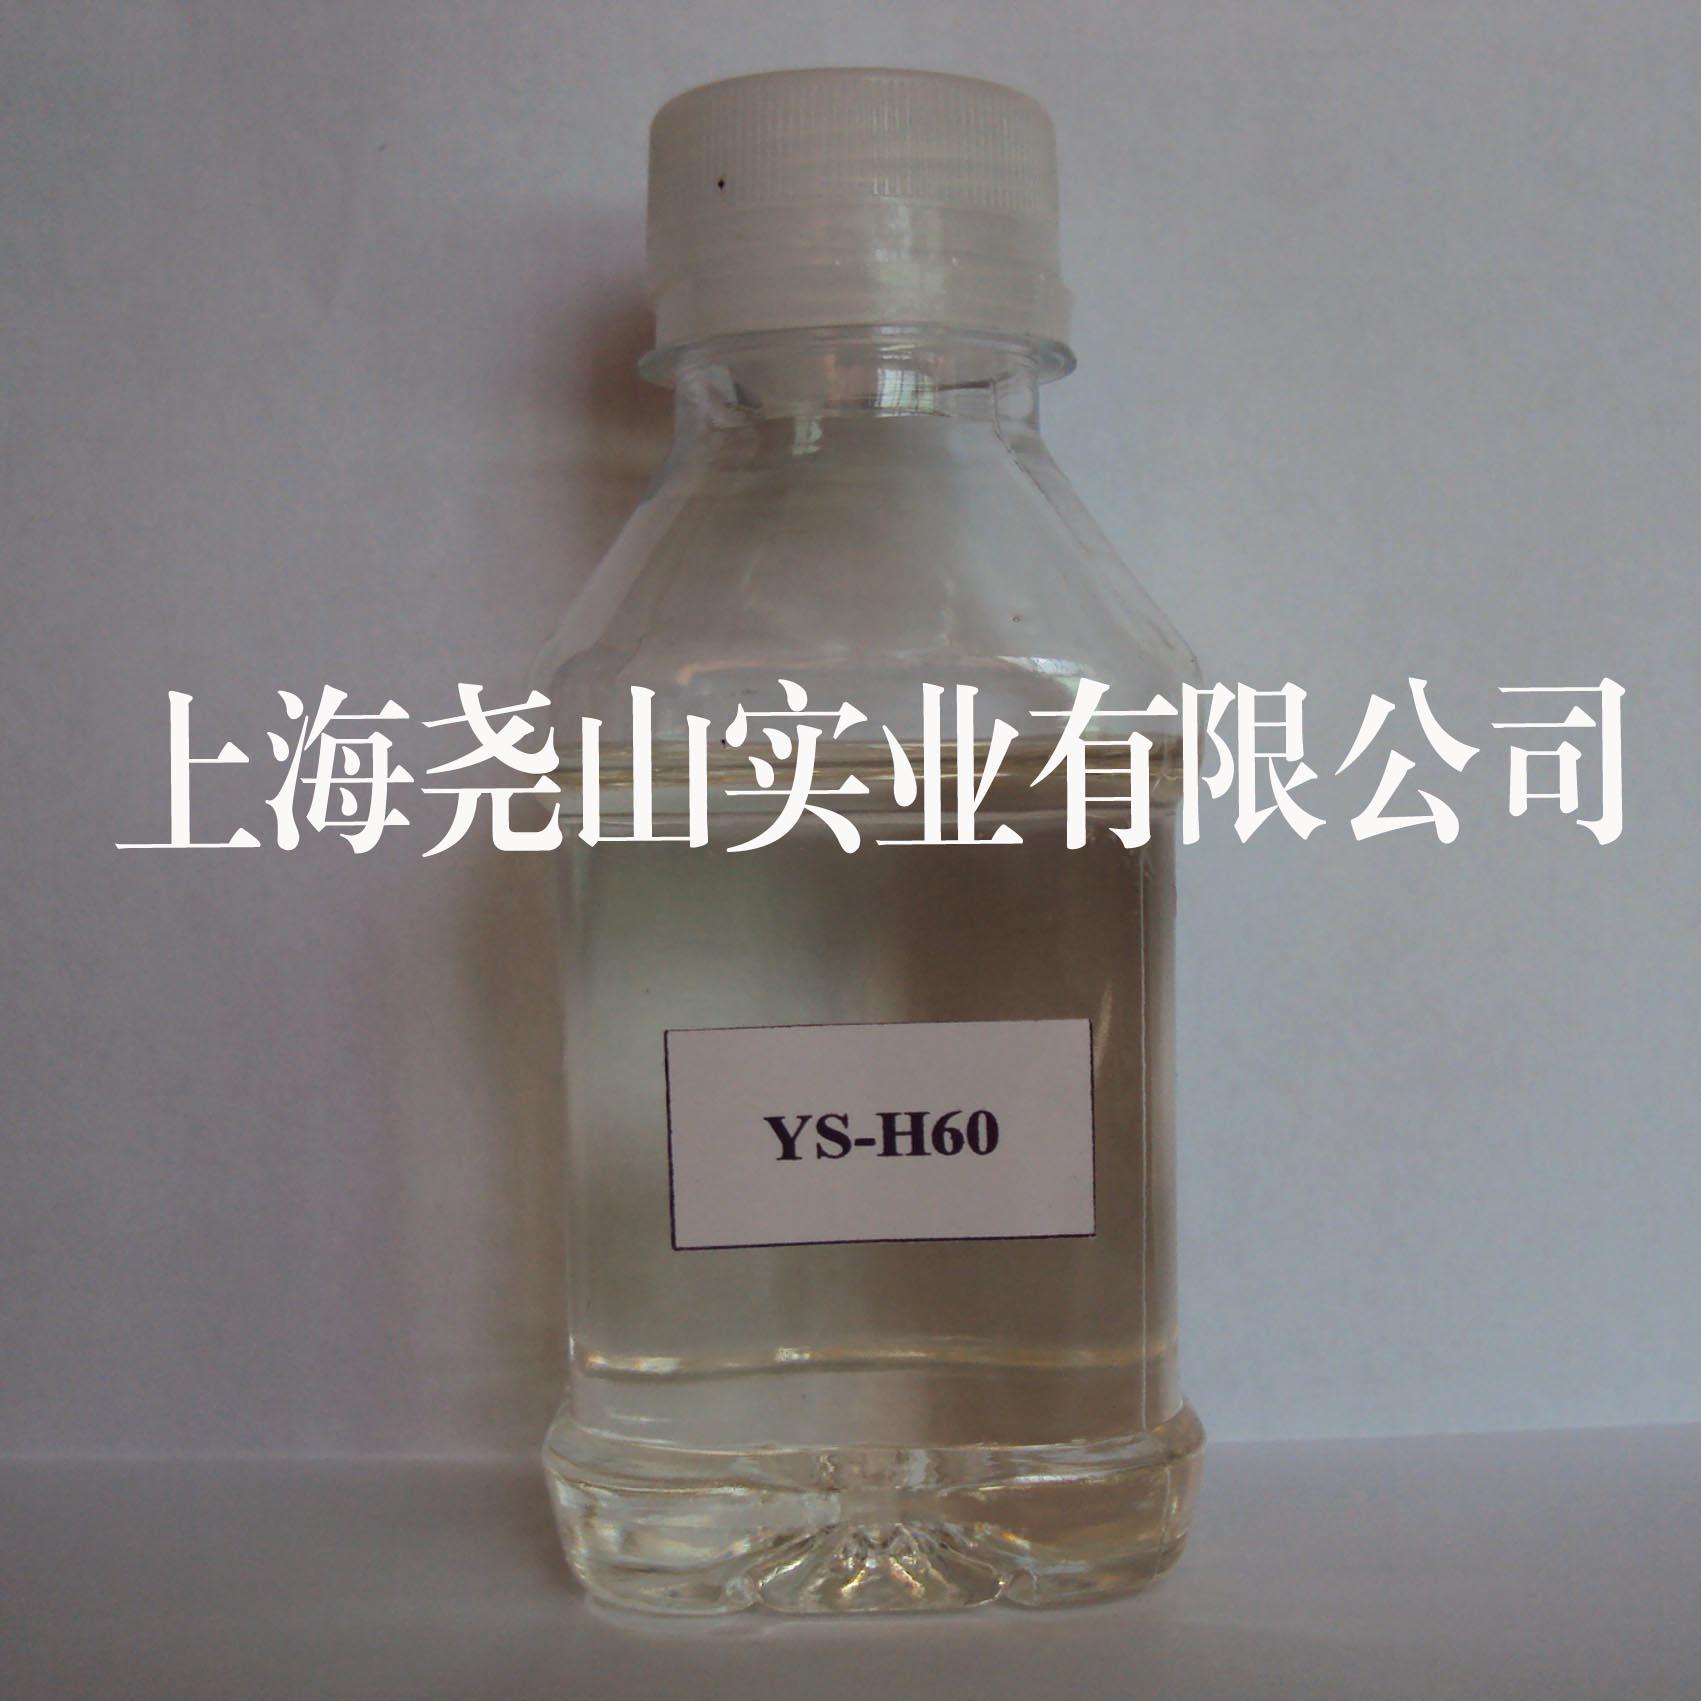 锂基混凝土密封固化剂YS-H60